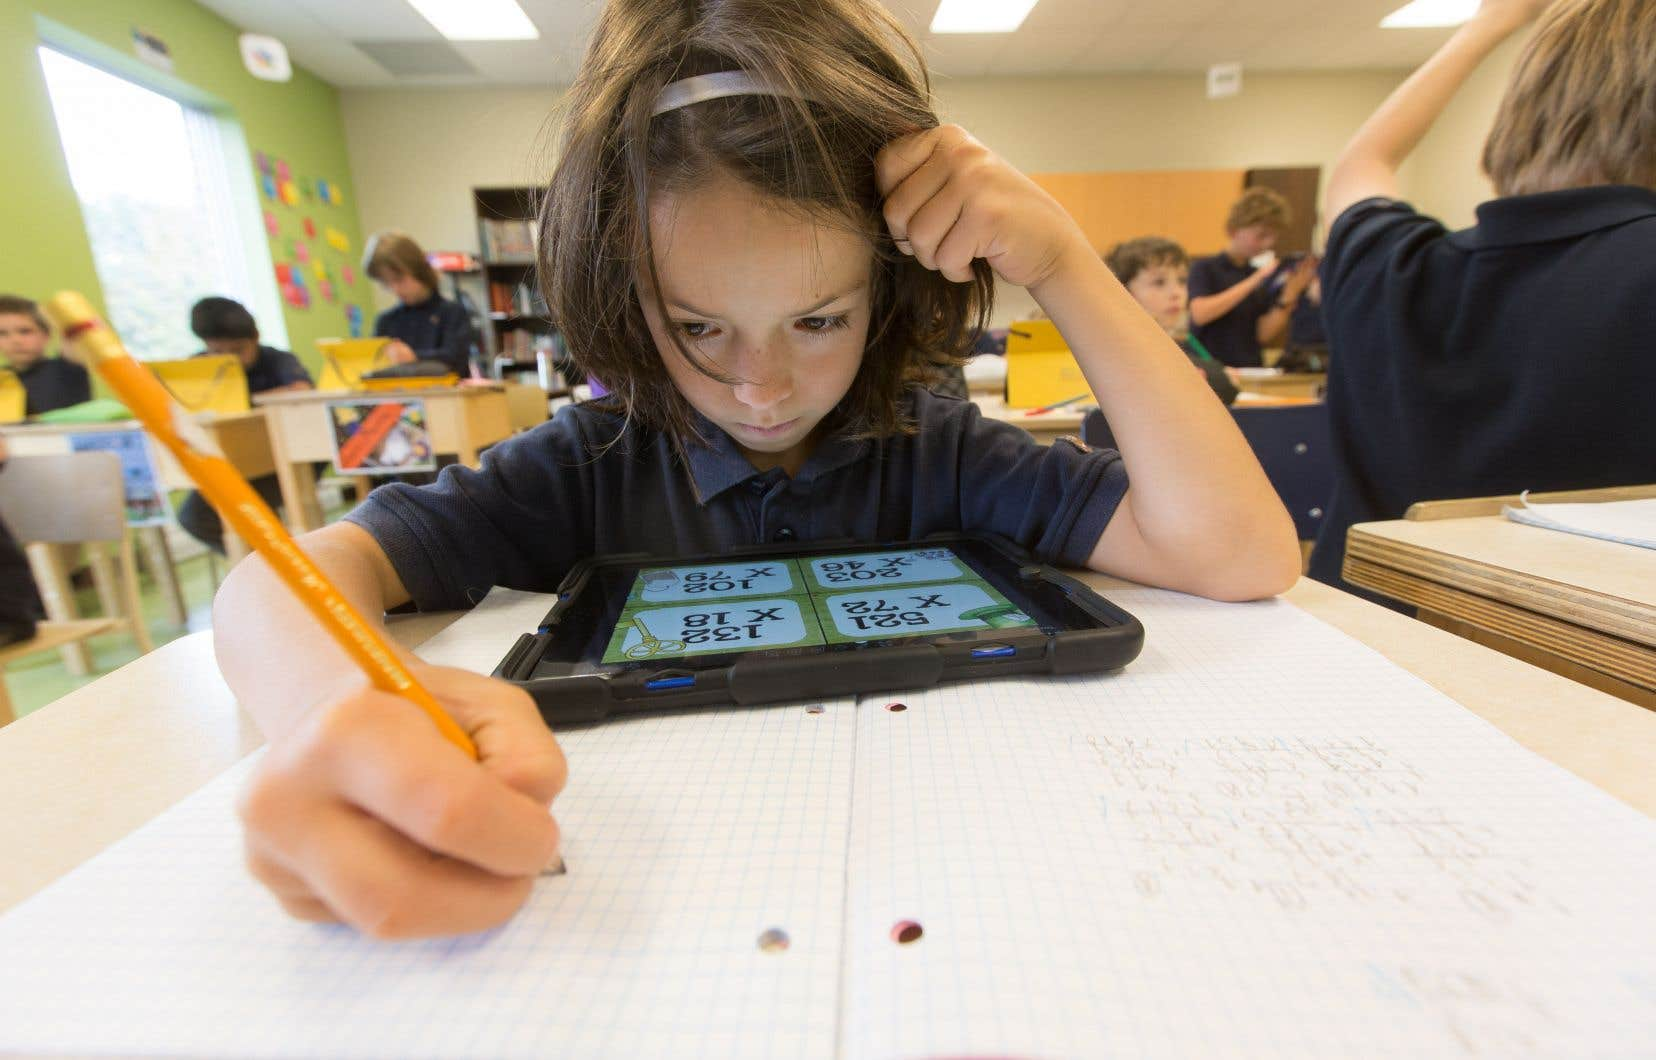 Selon le ministre Roberge, le développement des compétences numériques doit commencer dès la maternelle et se poursuivre jusqu'au doctorat.